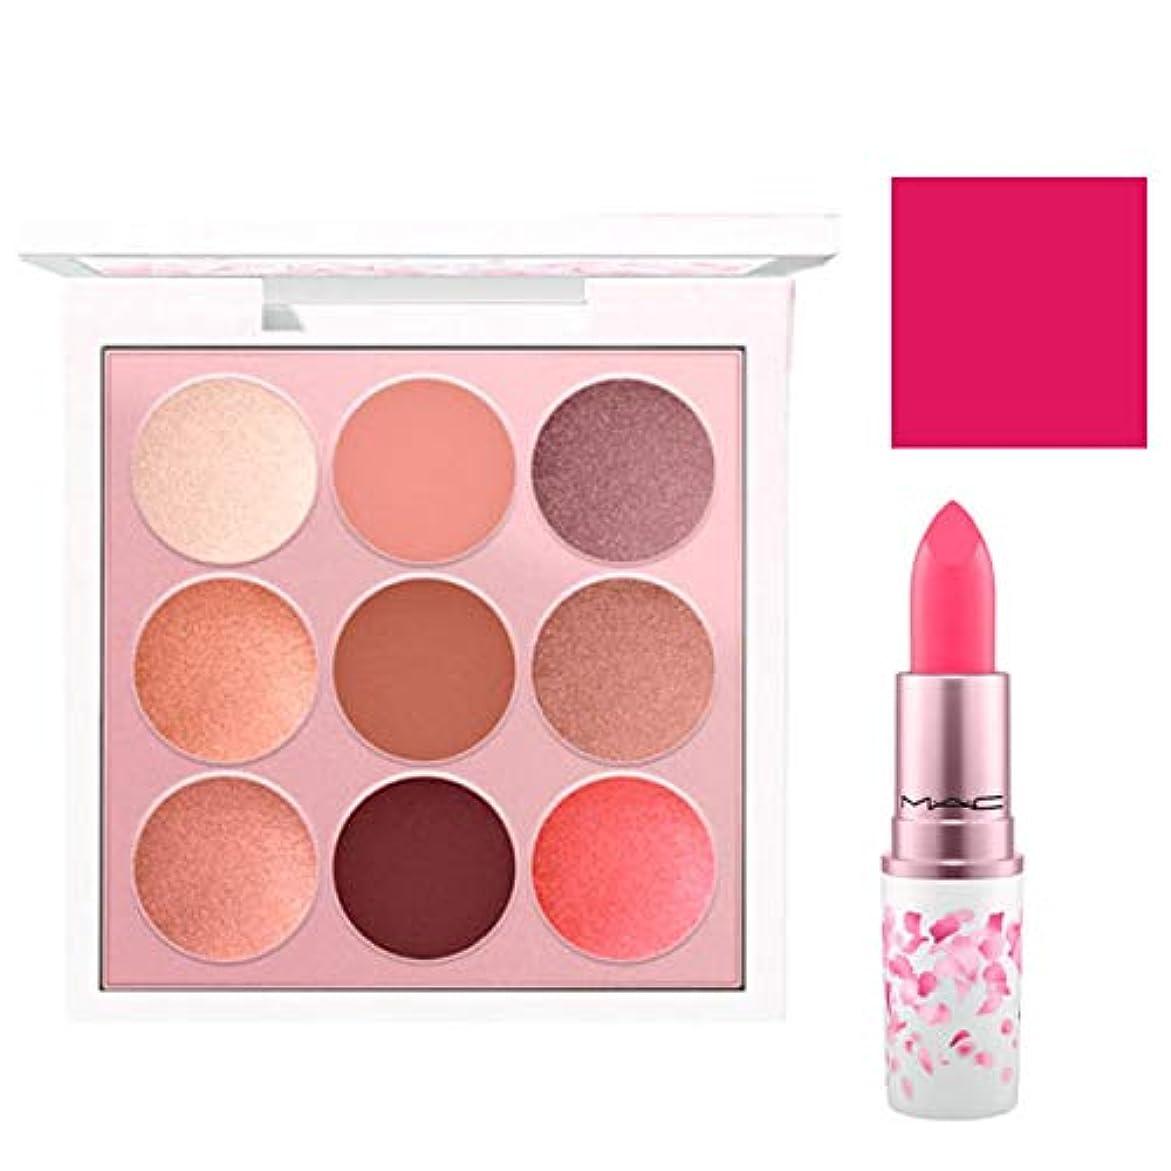 既にスーツケースすなわちM.A.C 限定版, Boom, Boom, Bloom EyeShadow & Lipstick (Kabuki Doll Palette & Tsk Tsk!) [海外直送品] [並行輸入品]